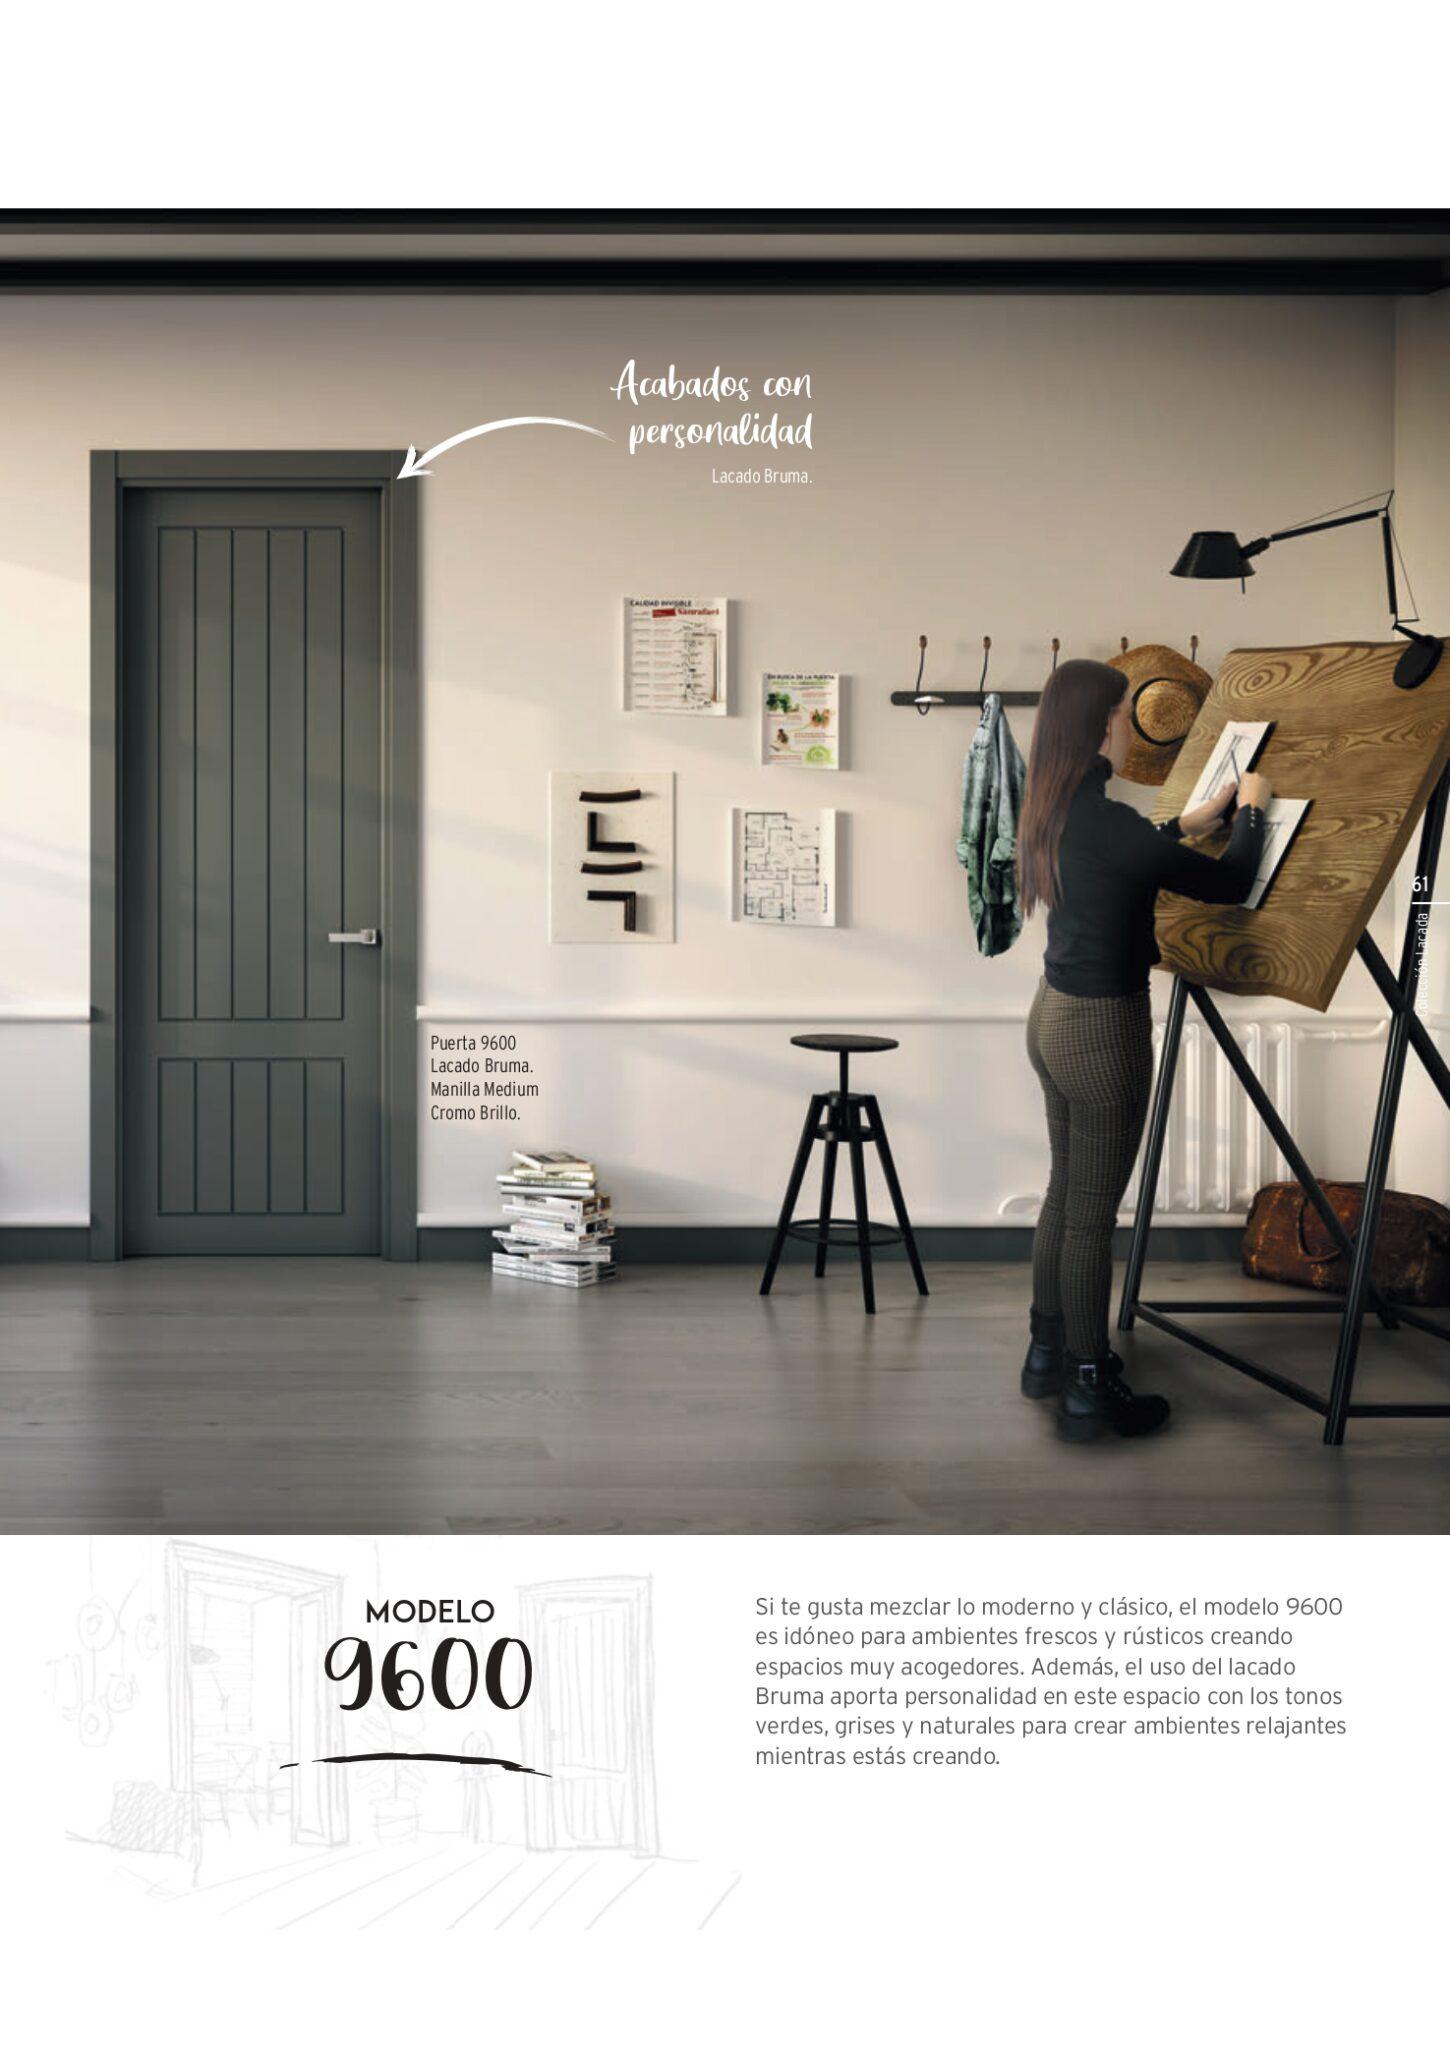 Puerta 9600 lacado bruma manilla medium Cromo Brillo_page-0001